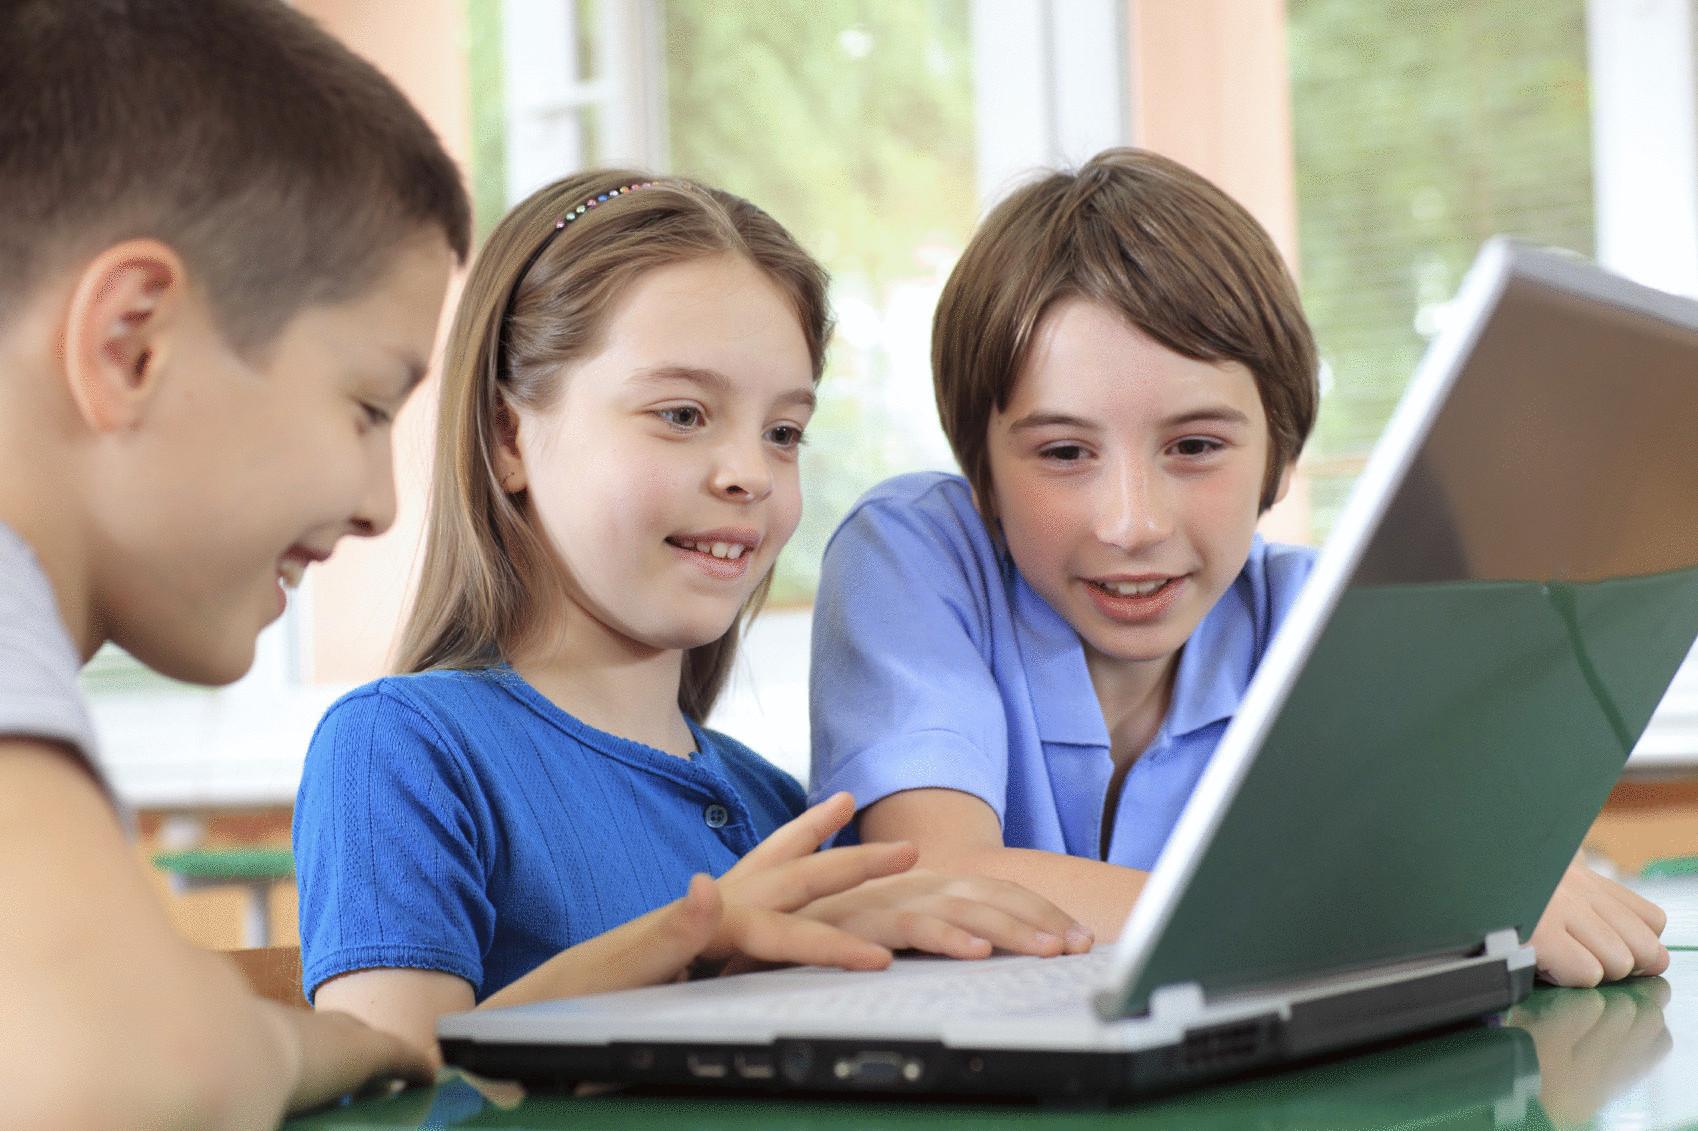 Идеи проектов бизнеса для школьников